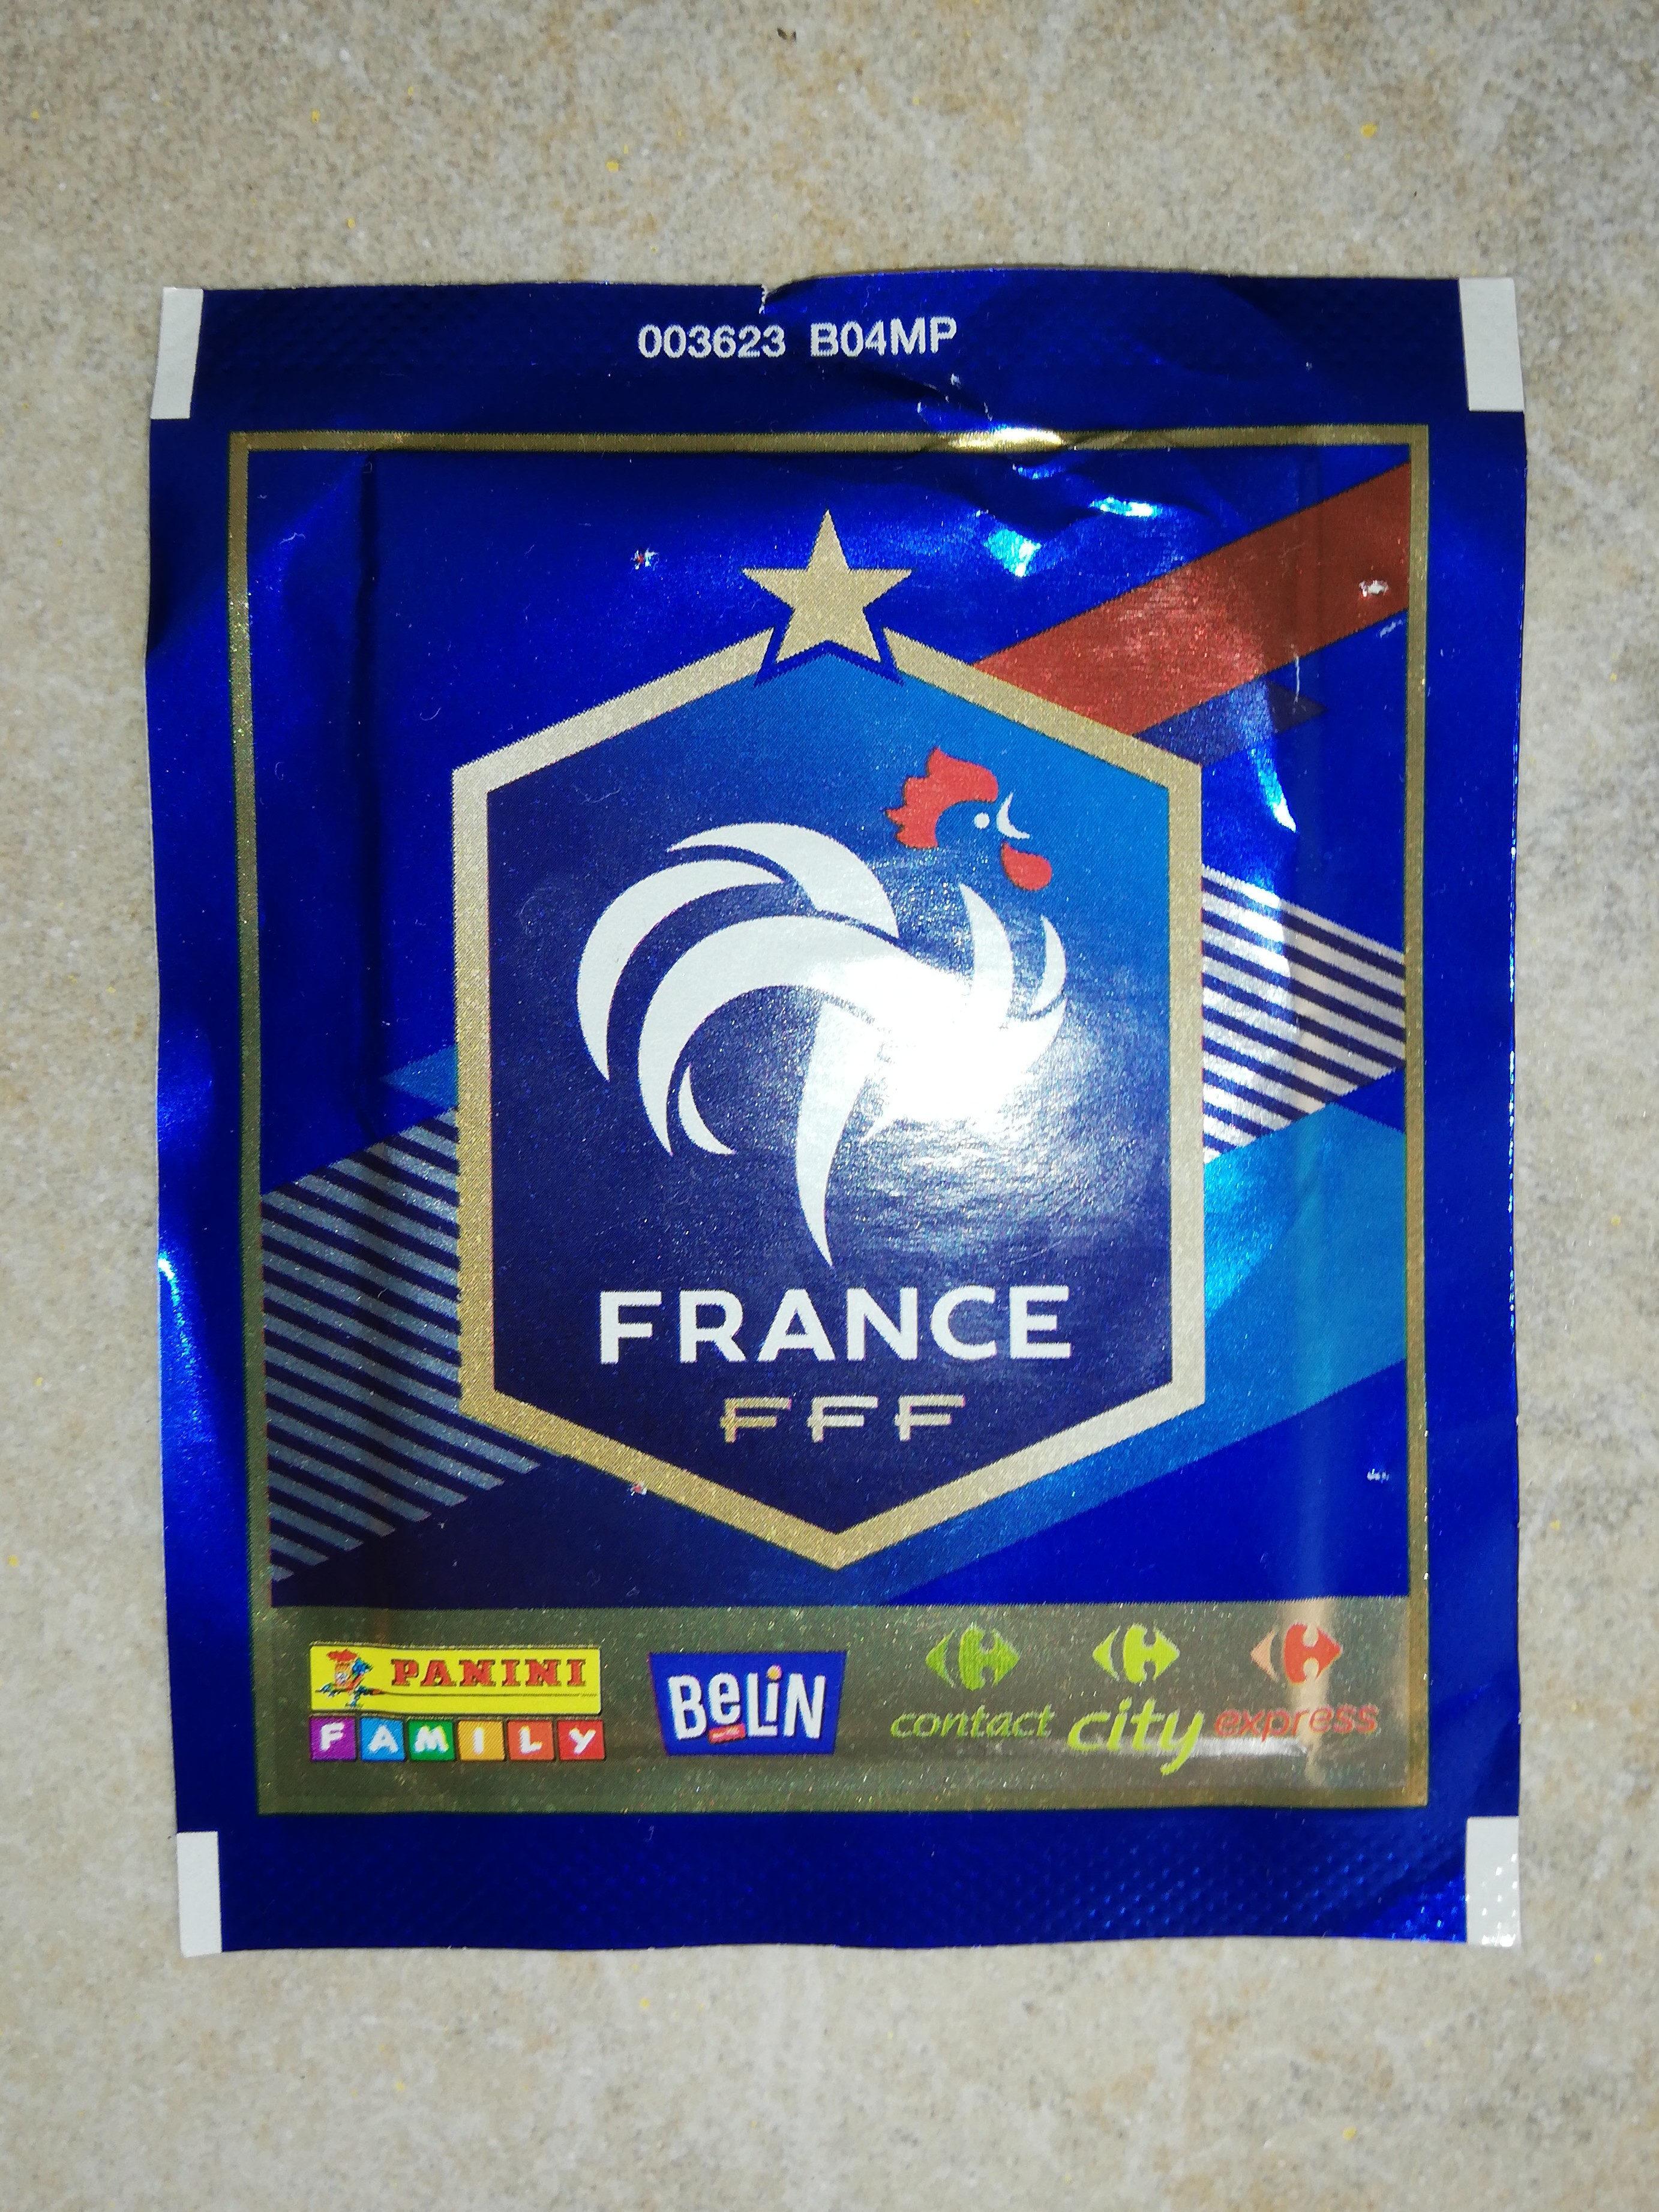 France FFF - Product - fr